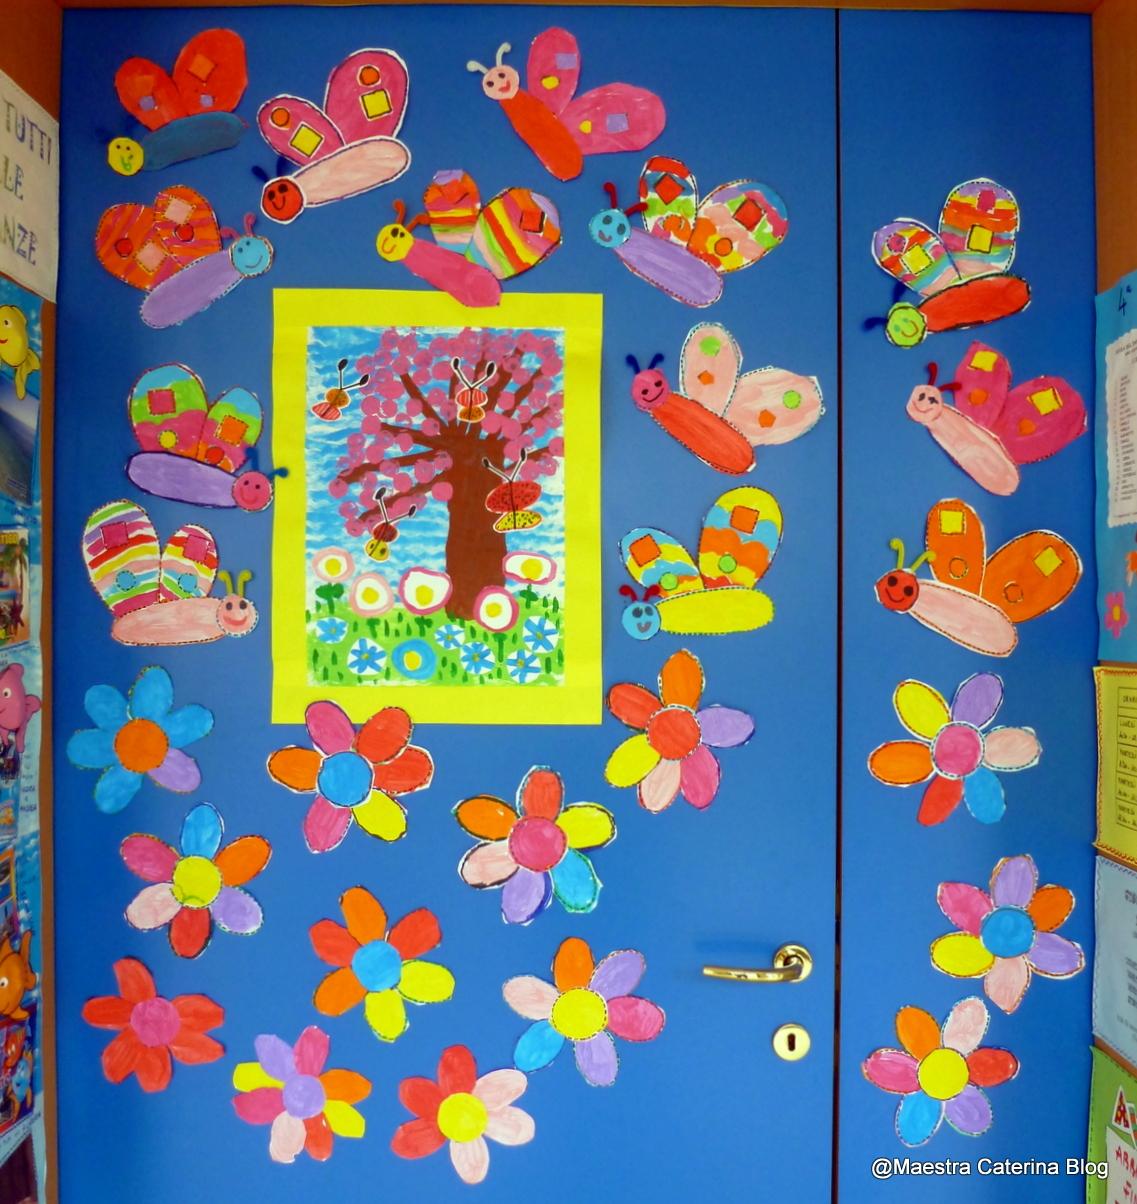 Maestra caterina porta di primavera for Addobbare la porta dell aula